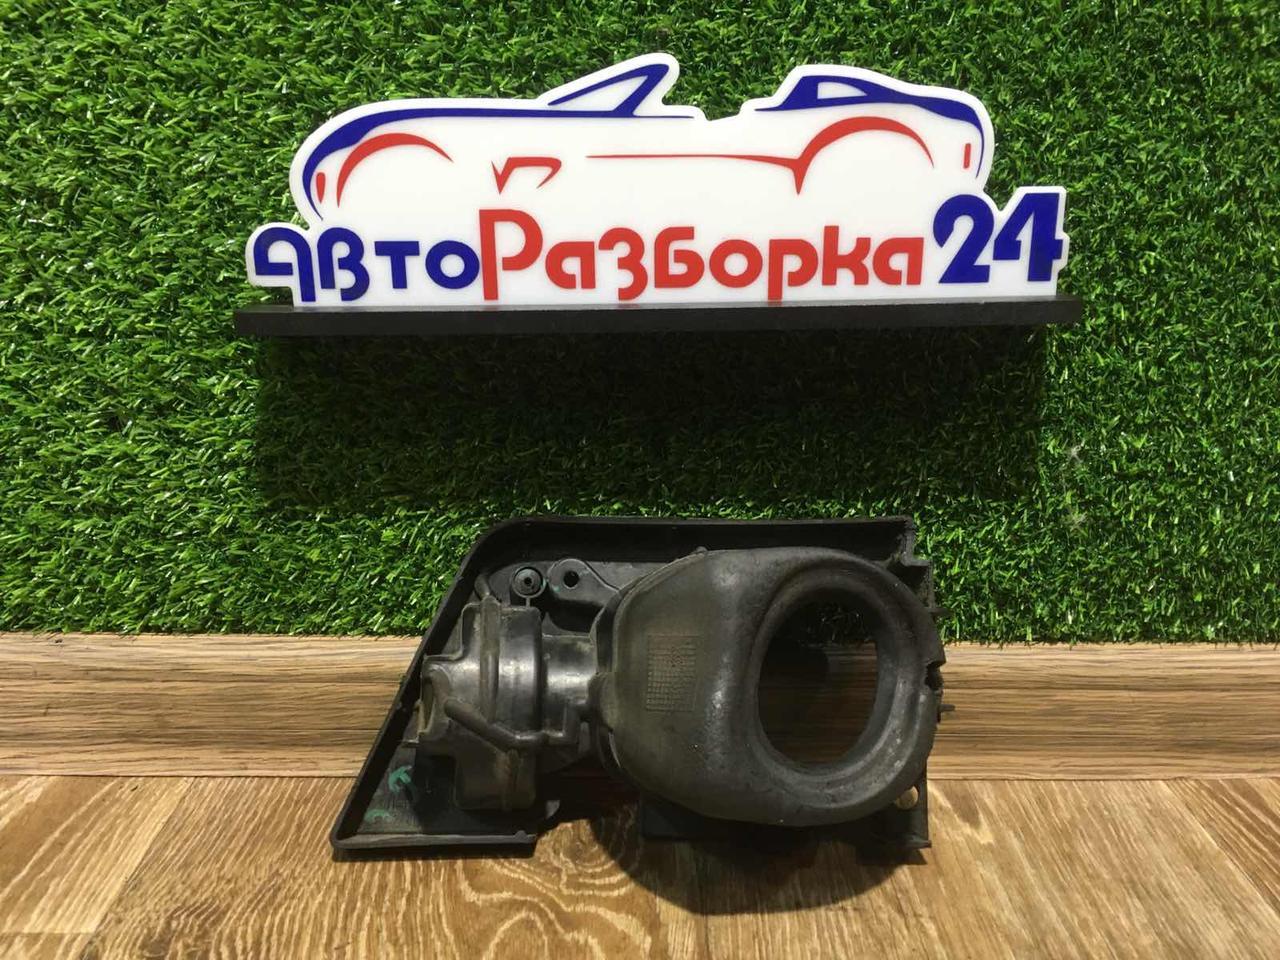 Топливный бак фольксваген транспортер т5 инструкции по охране труда элеватор